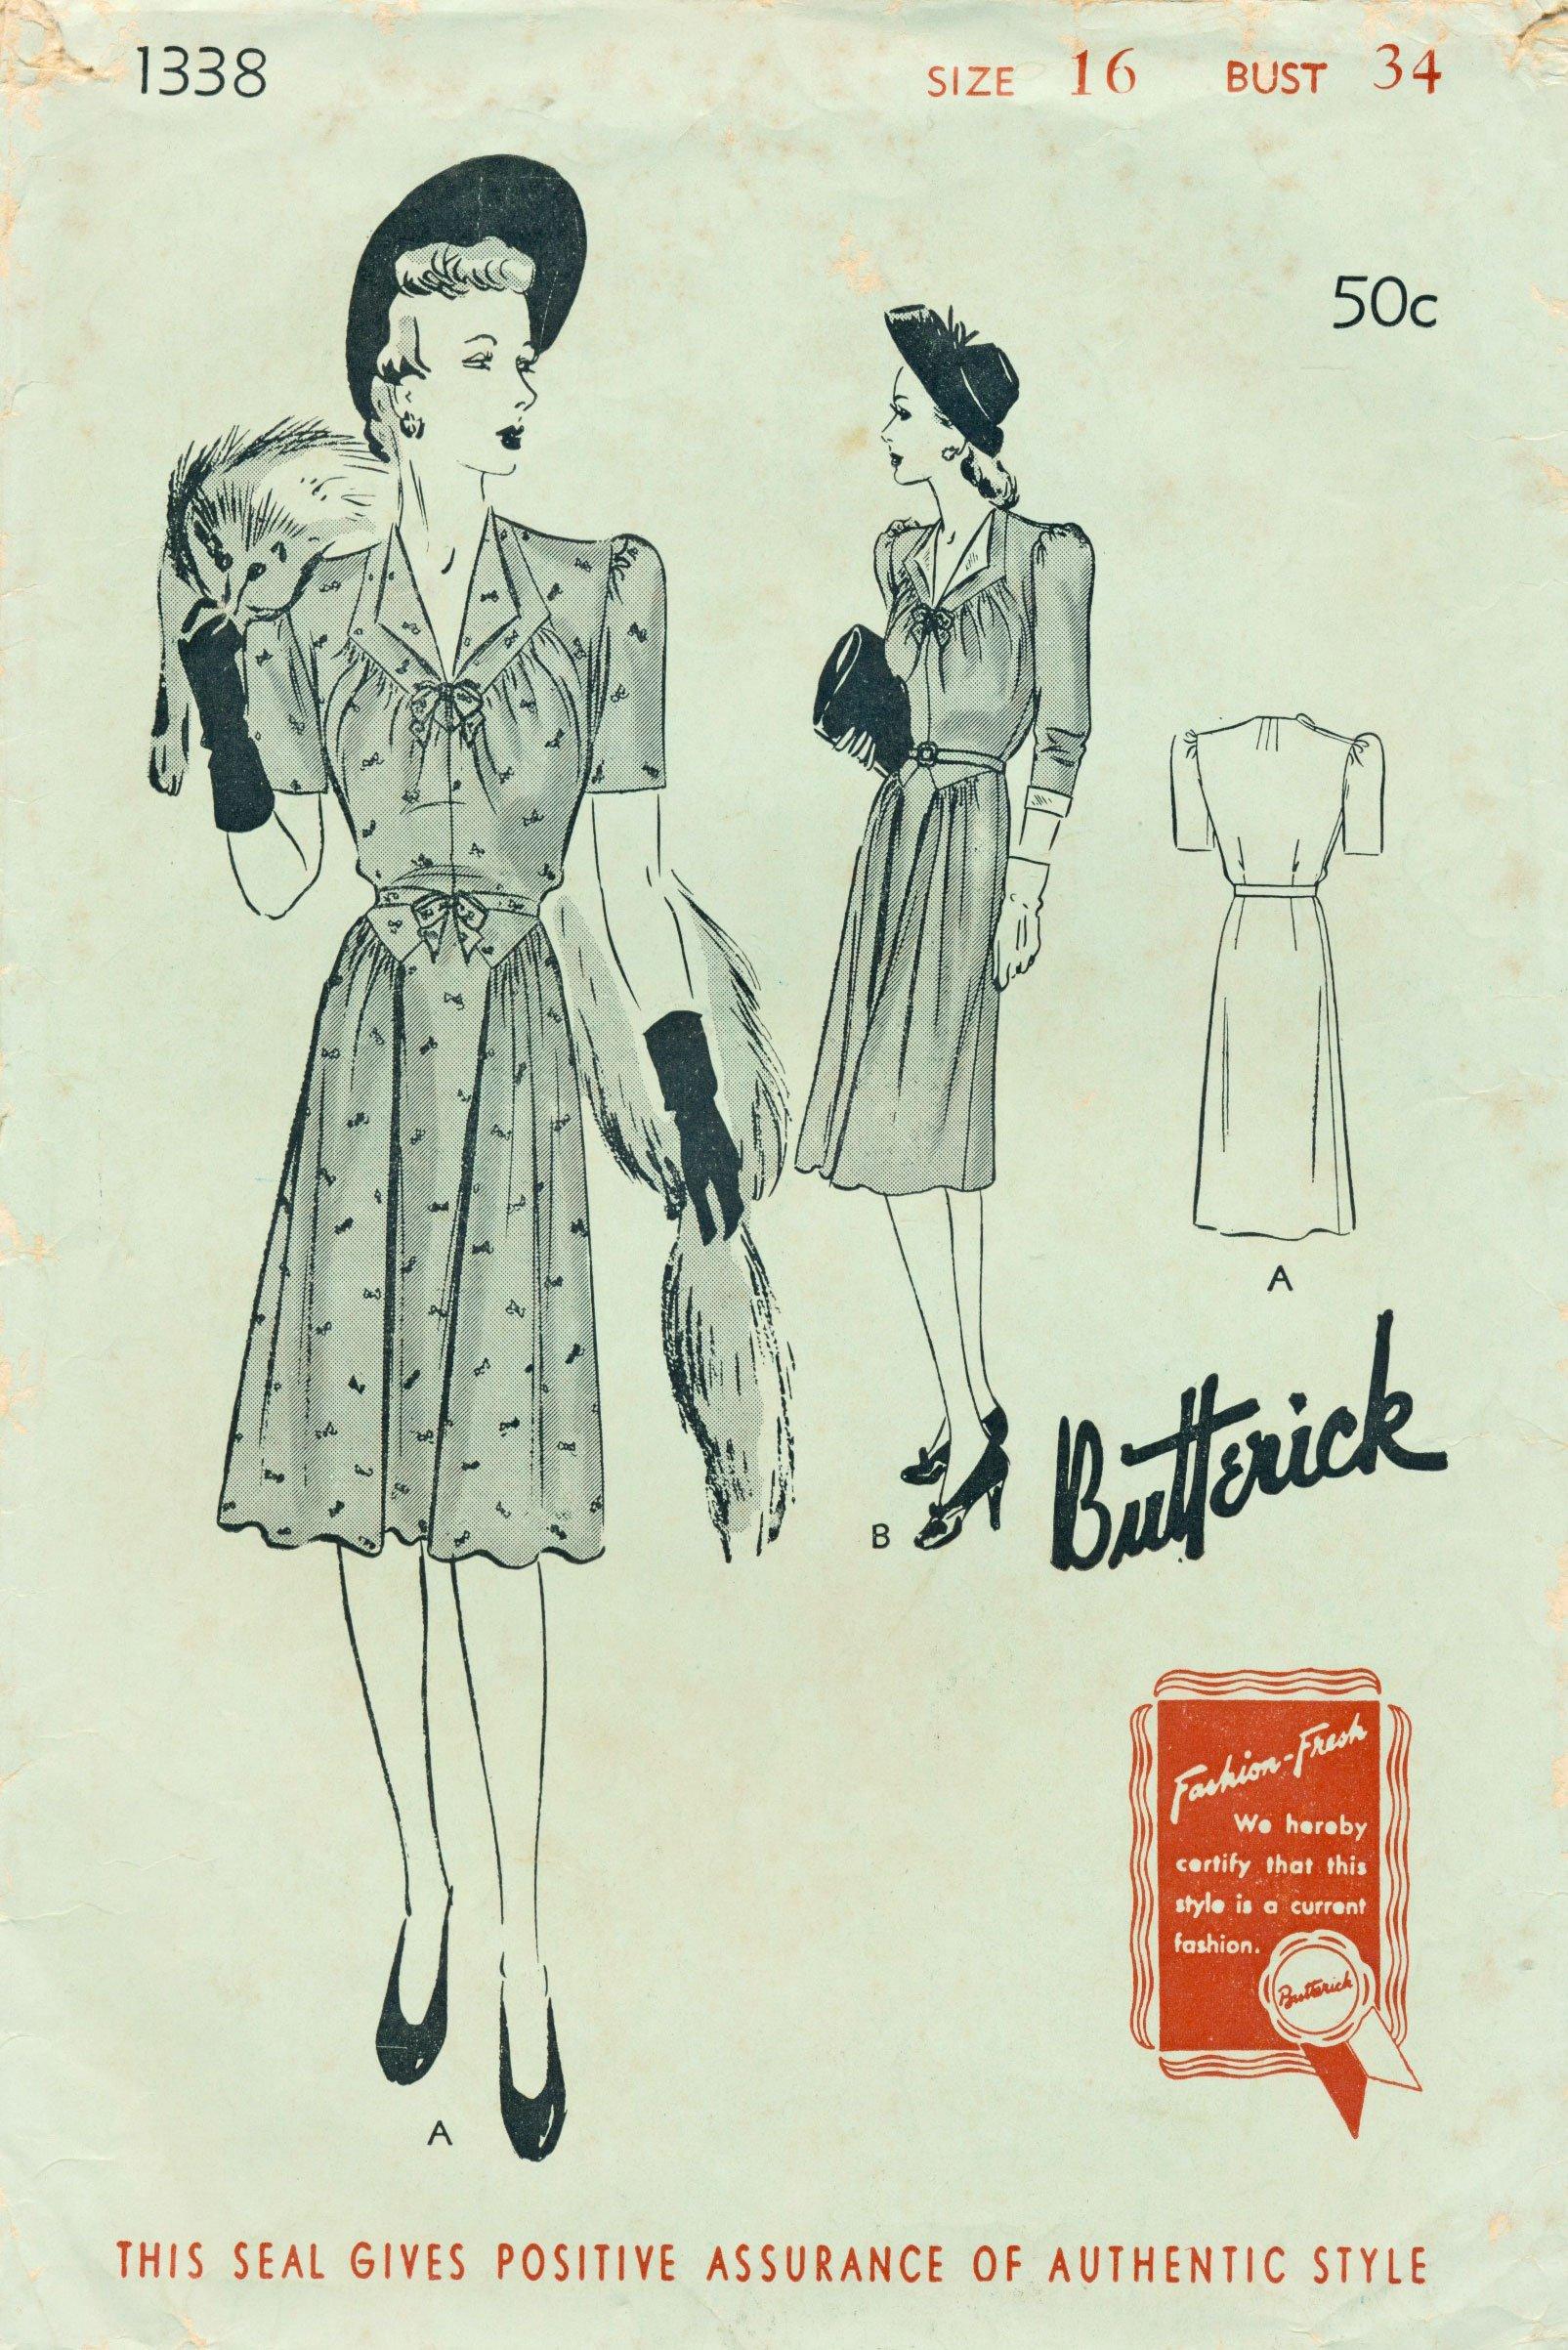 Butterick 1338